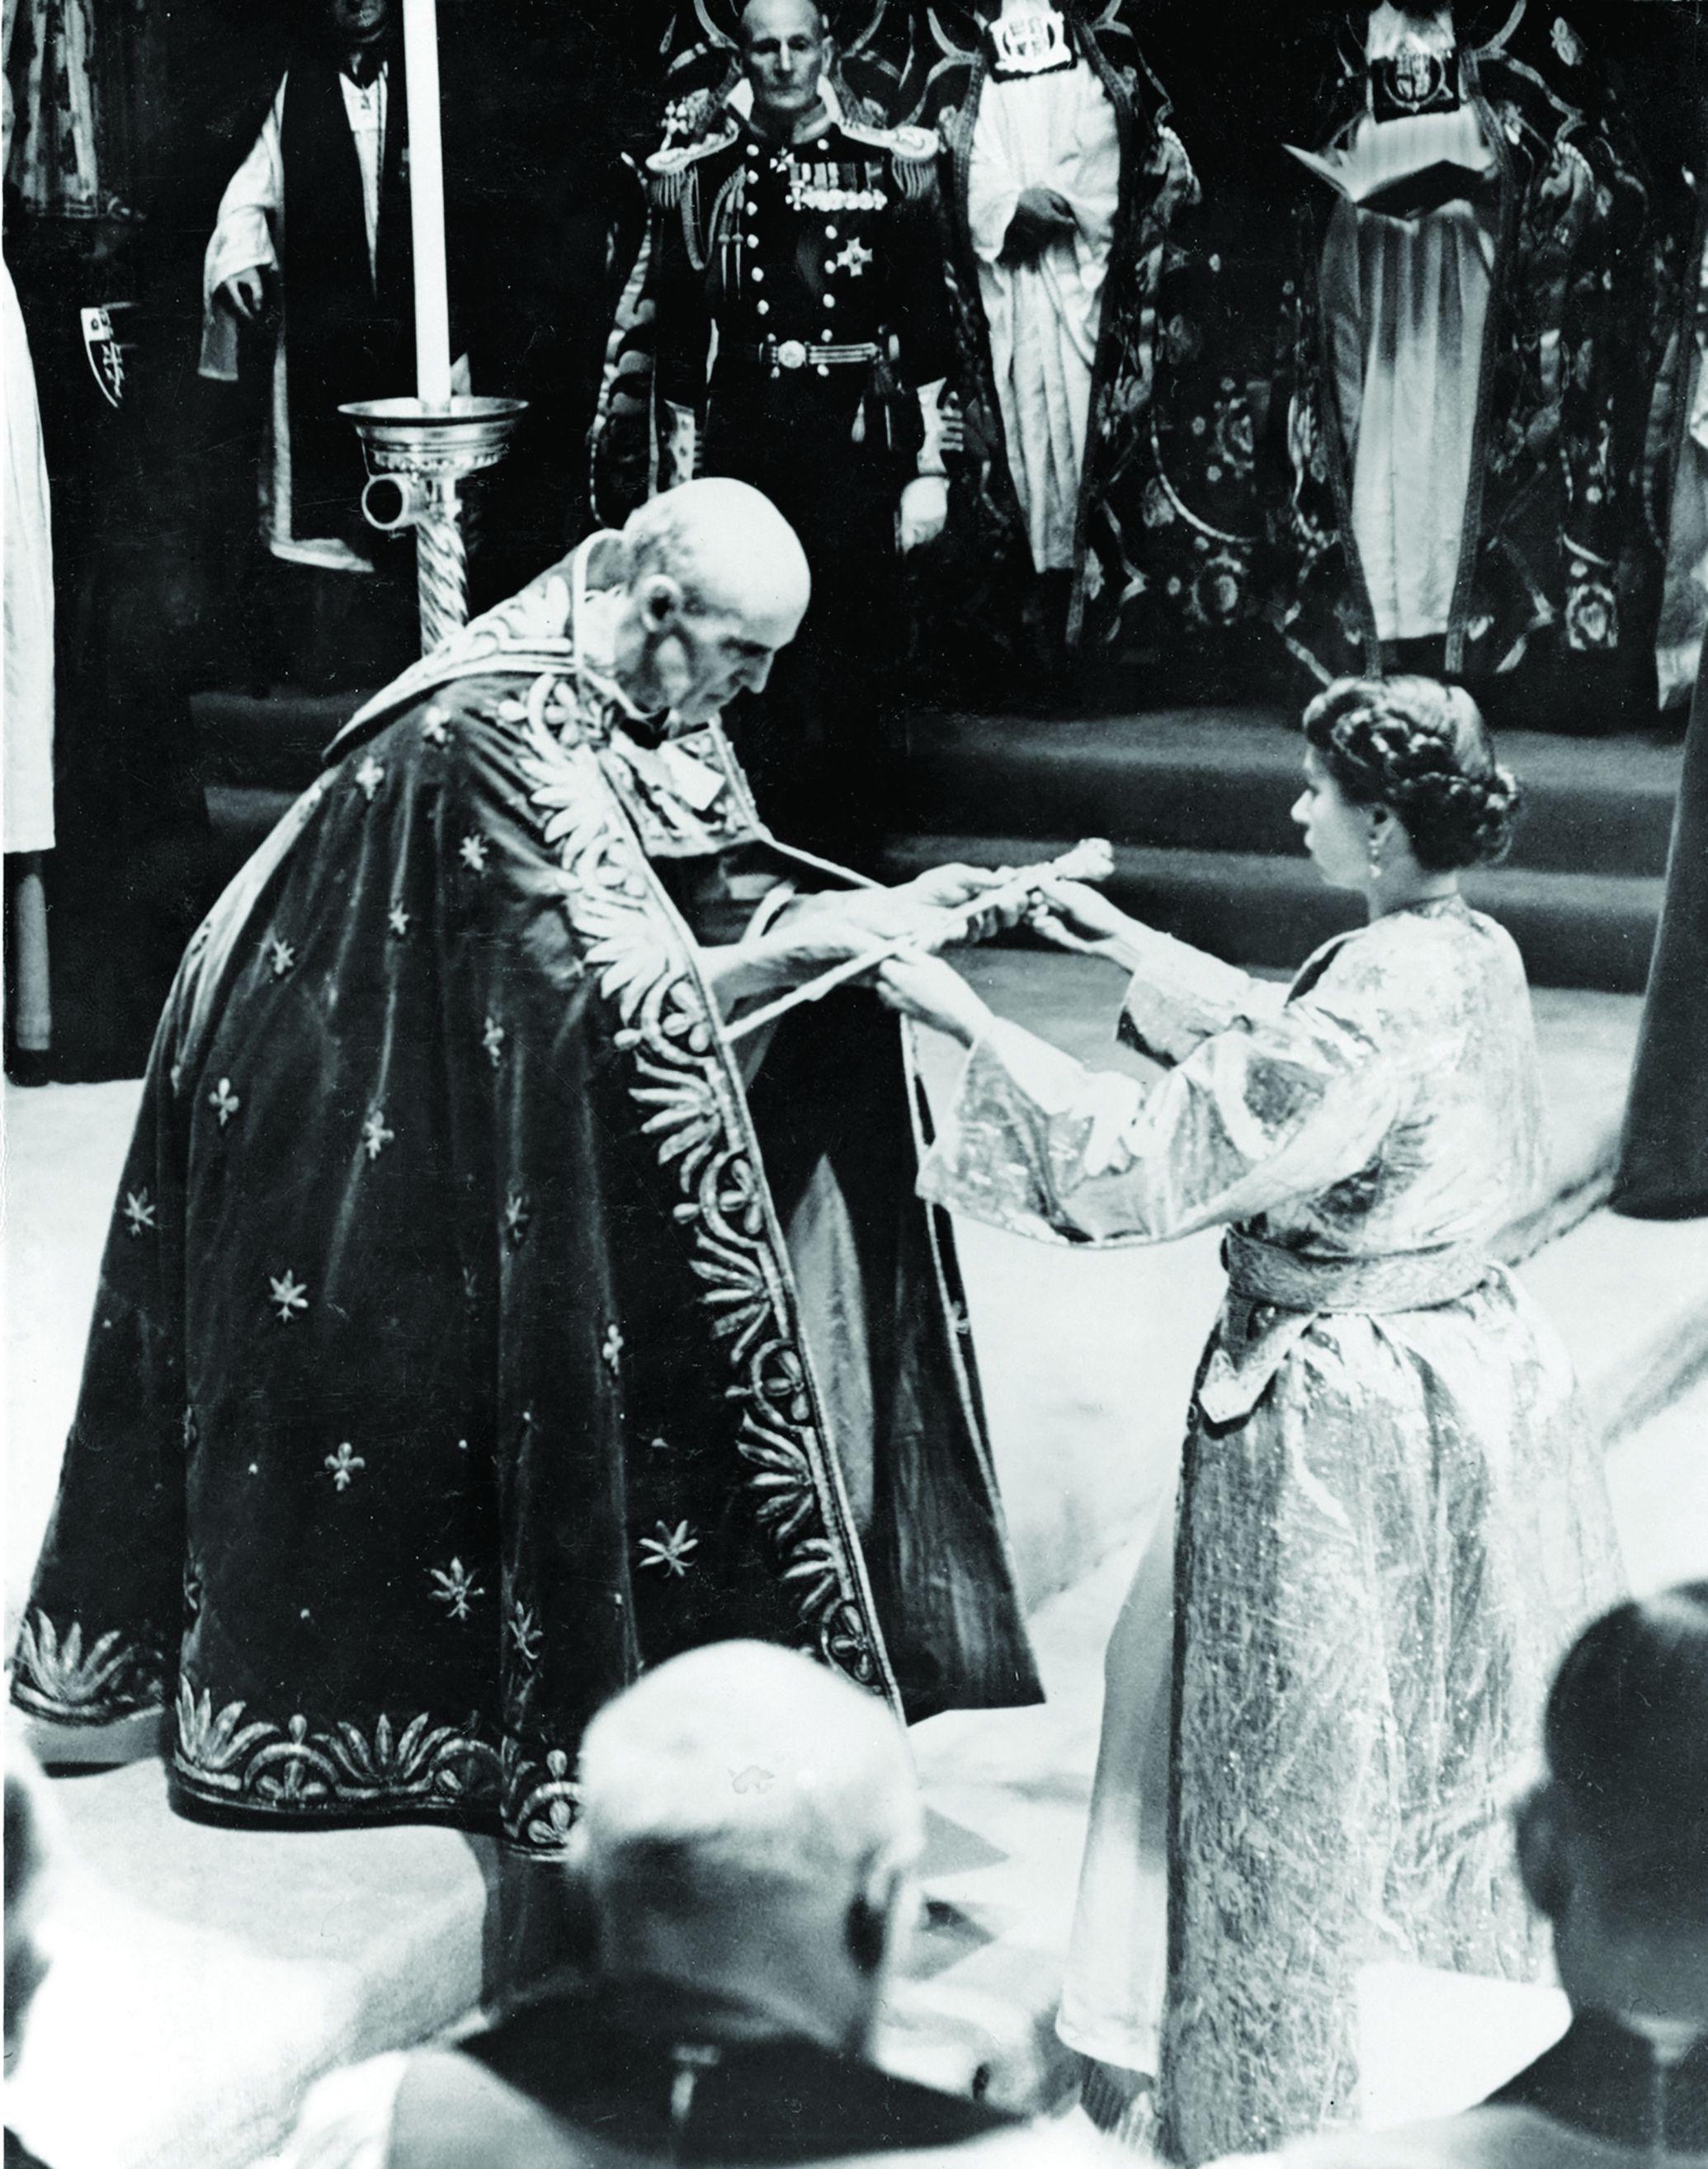 Queen Elizabeth II's Coronation A New Elizabethan Age in